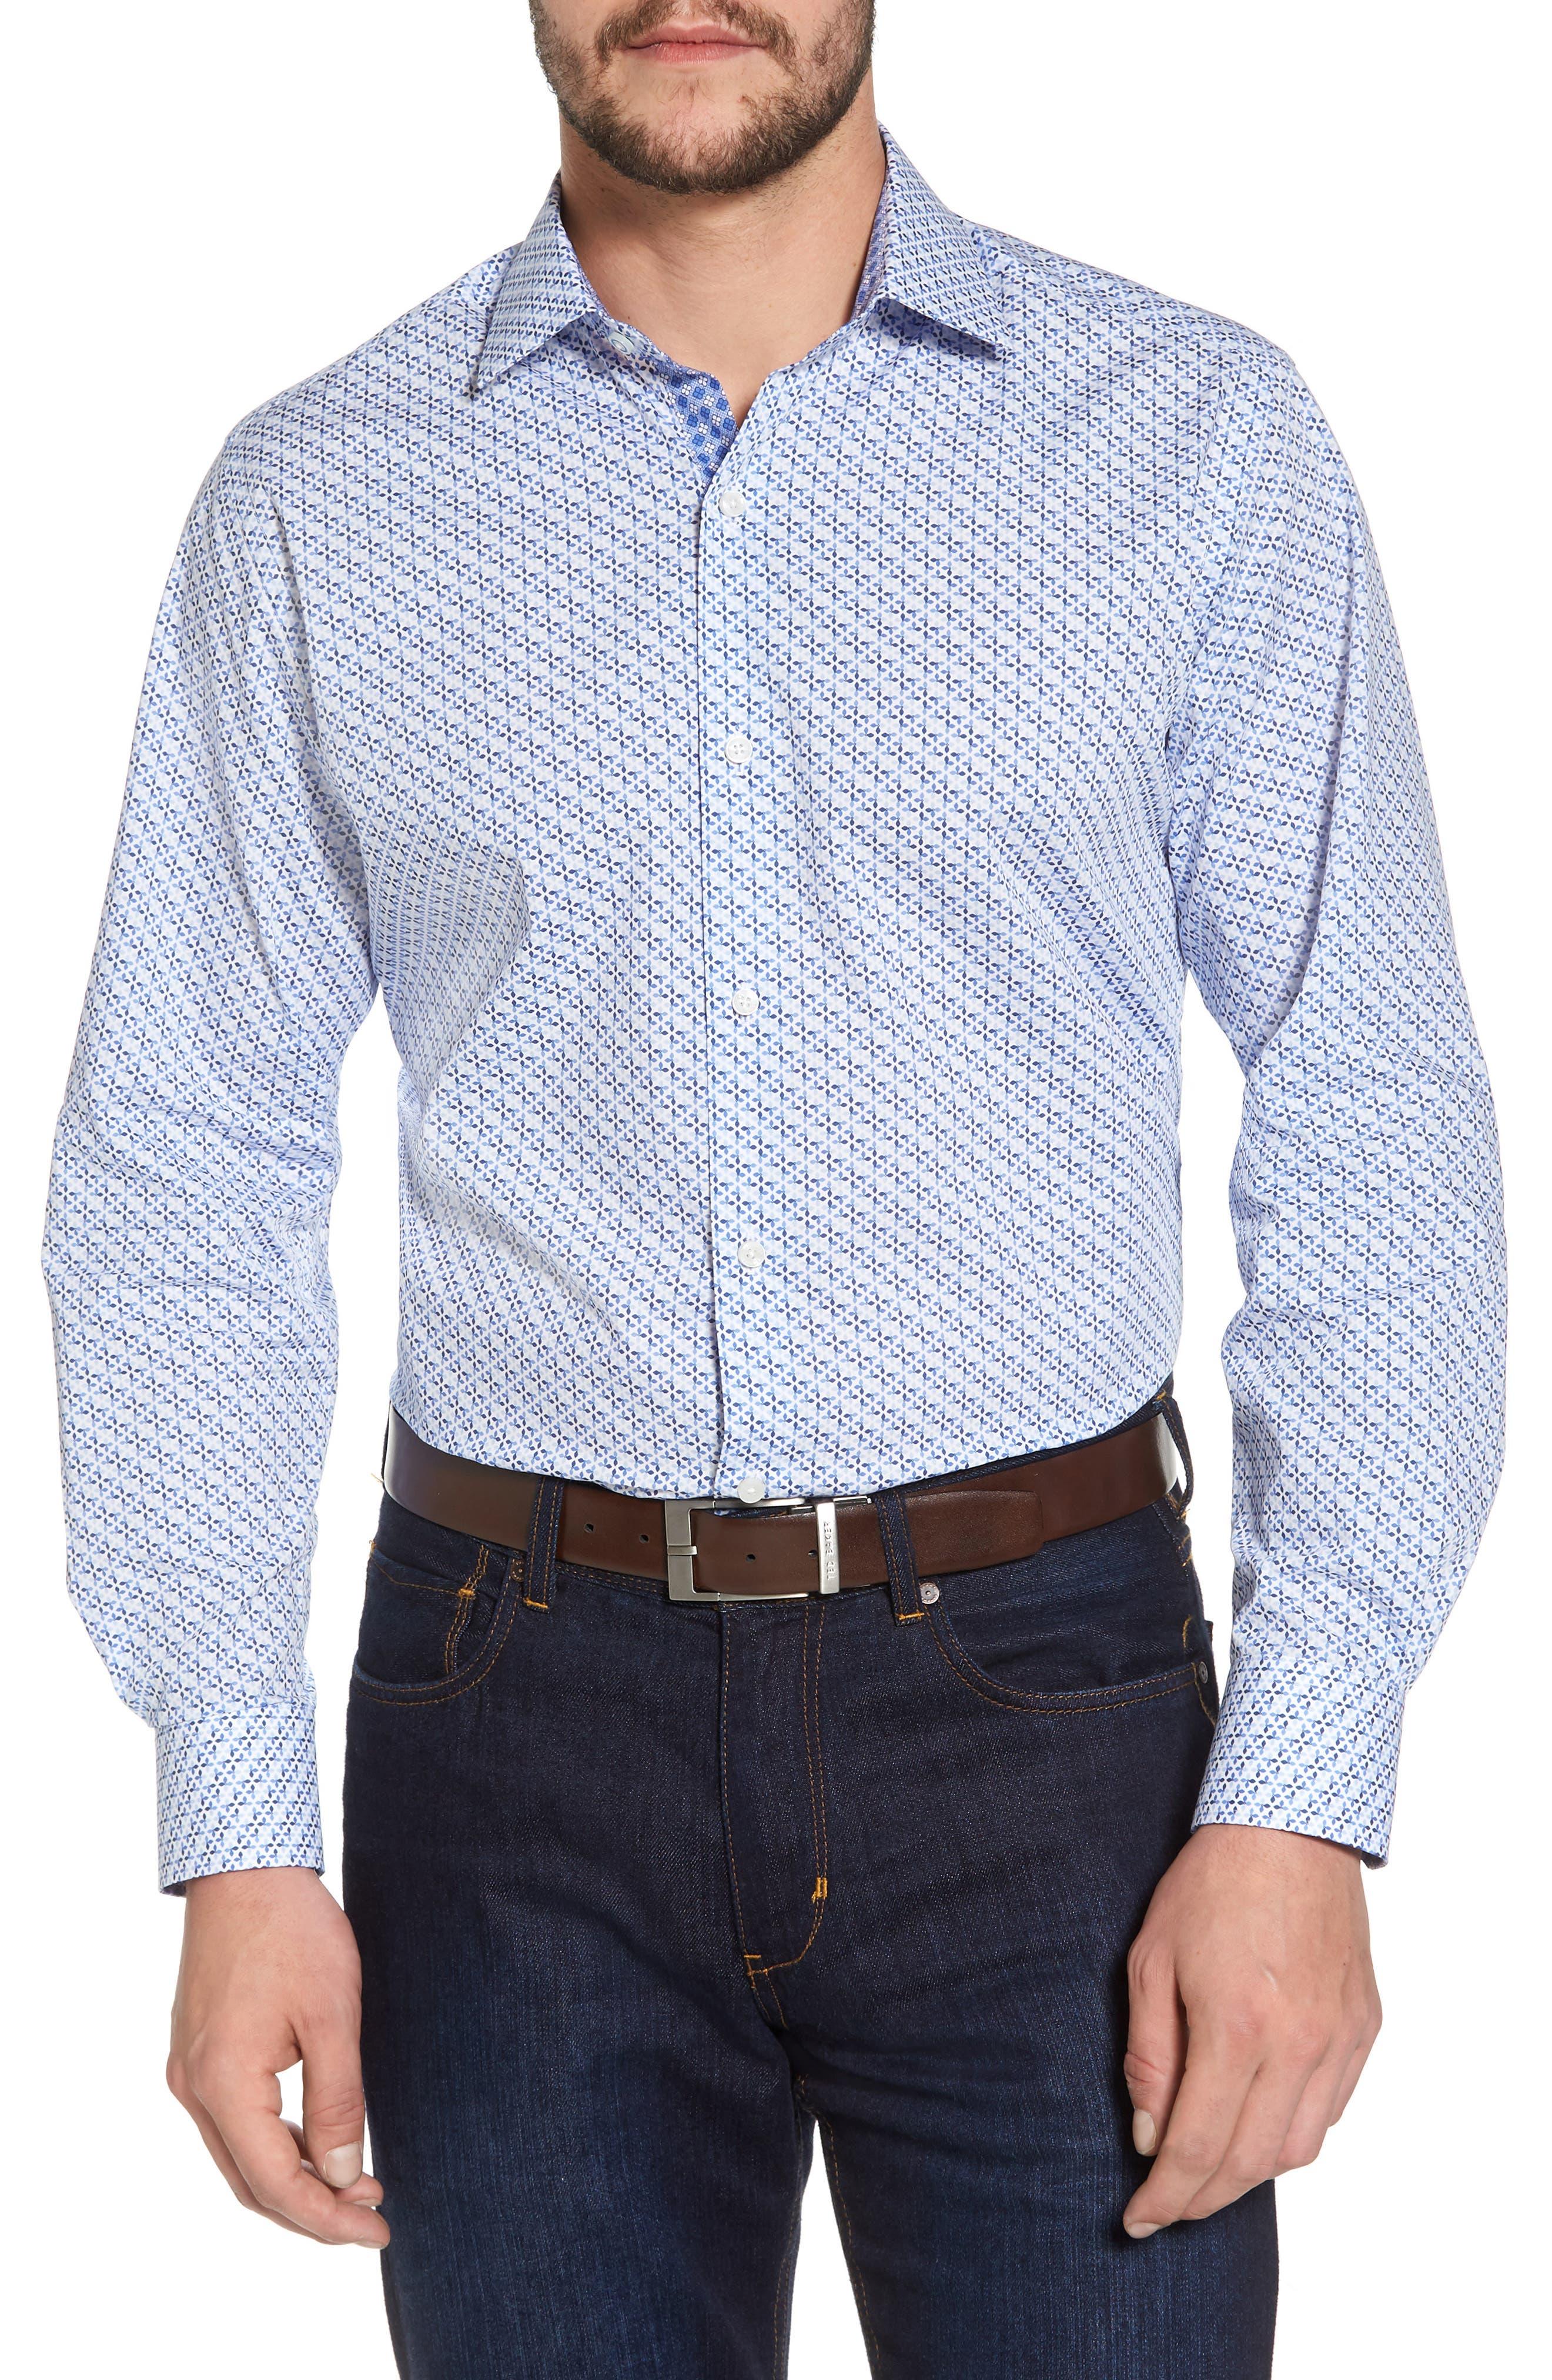 Simon Regular Fit Geo Print Sport Shirt,                         Main,                         color, 450